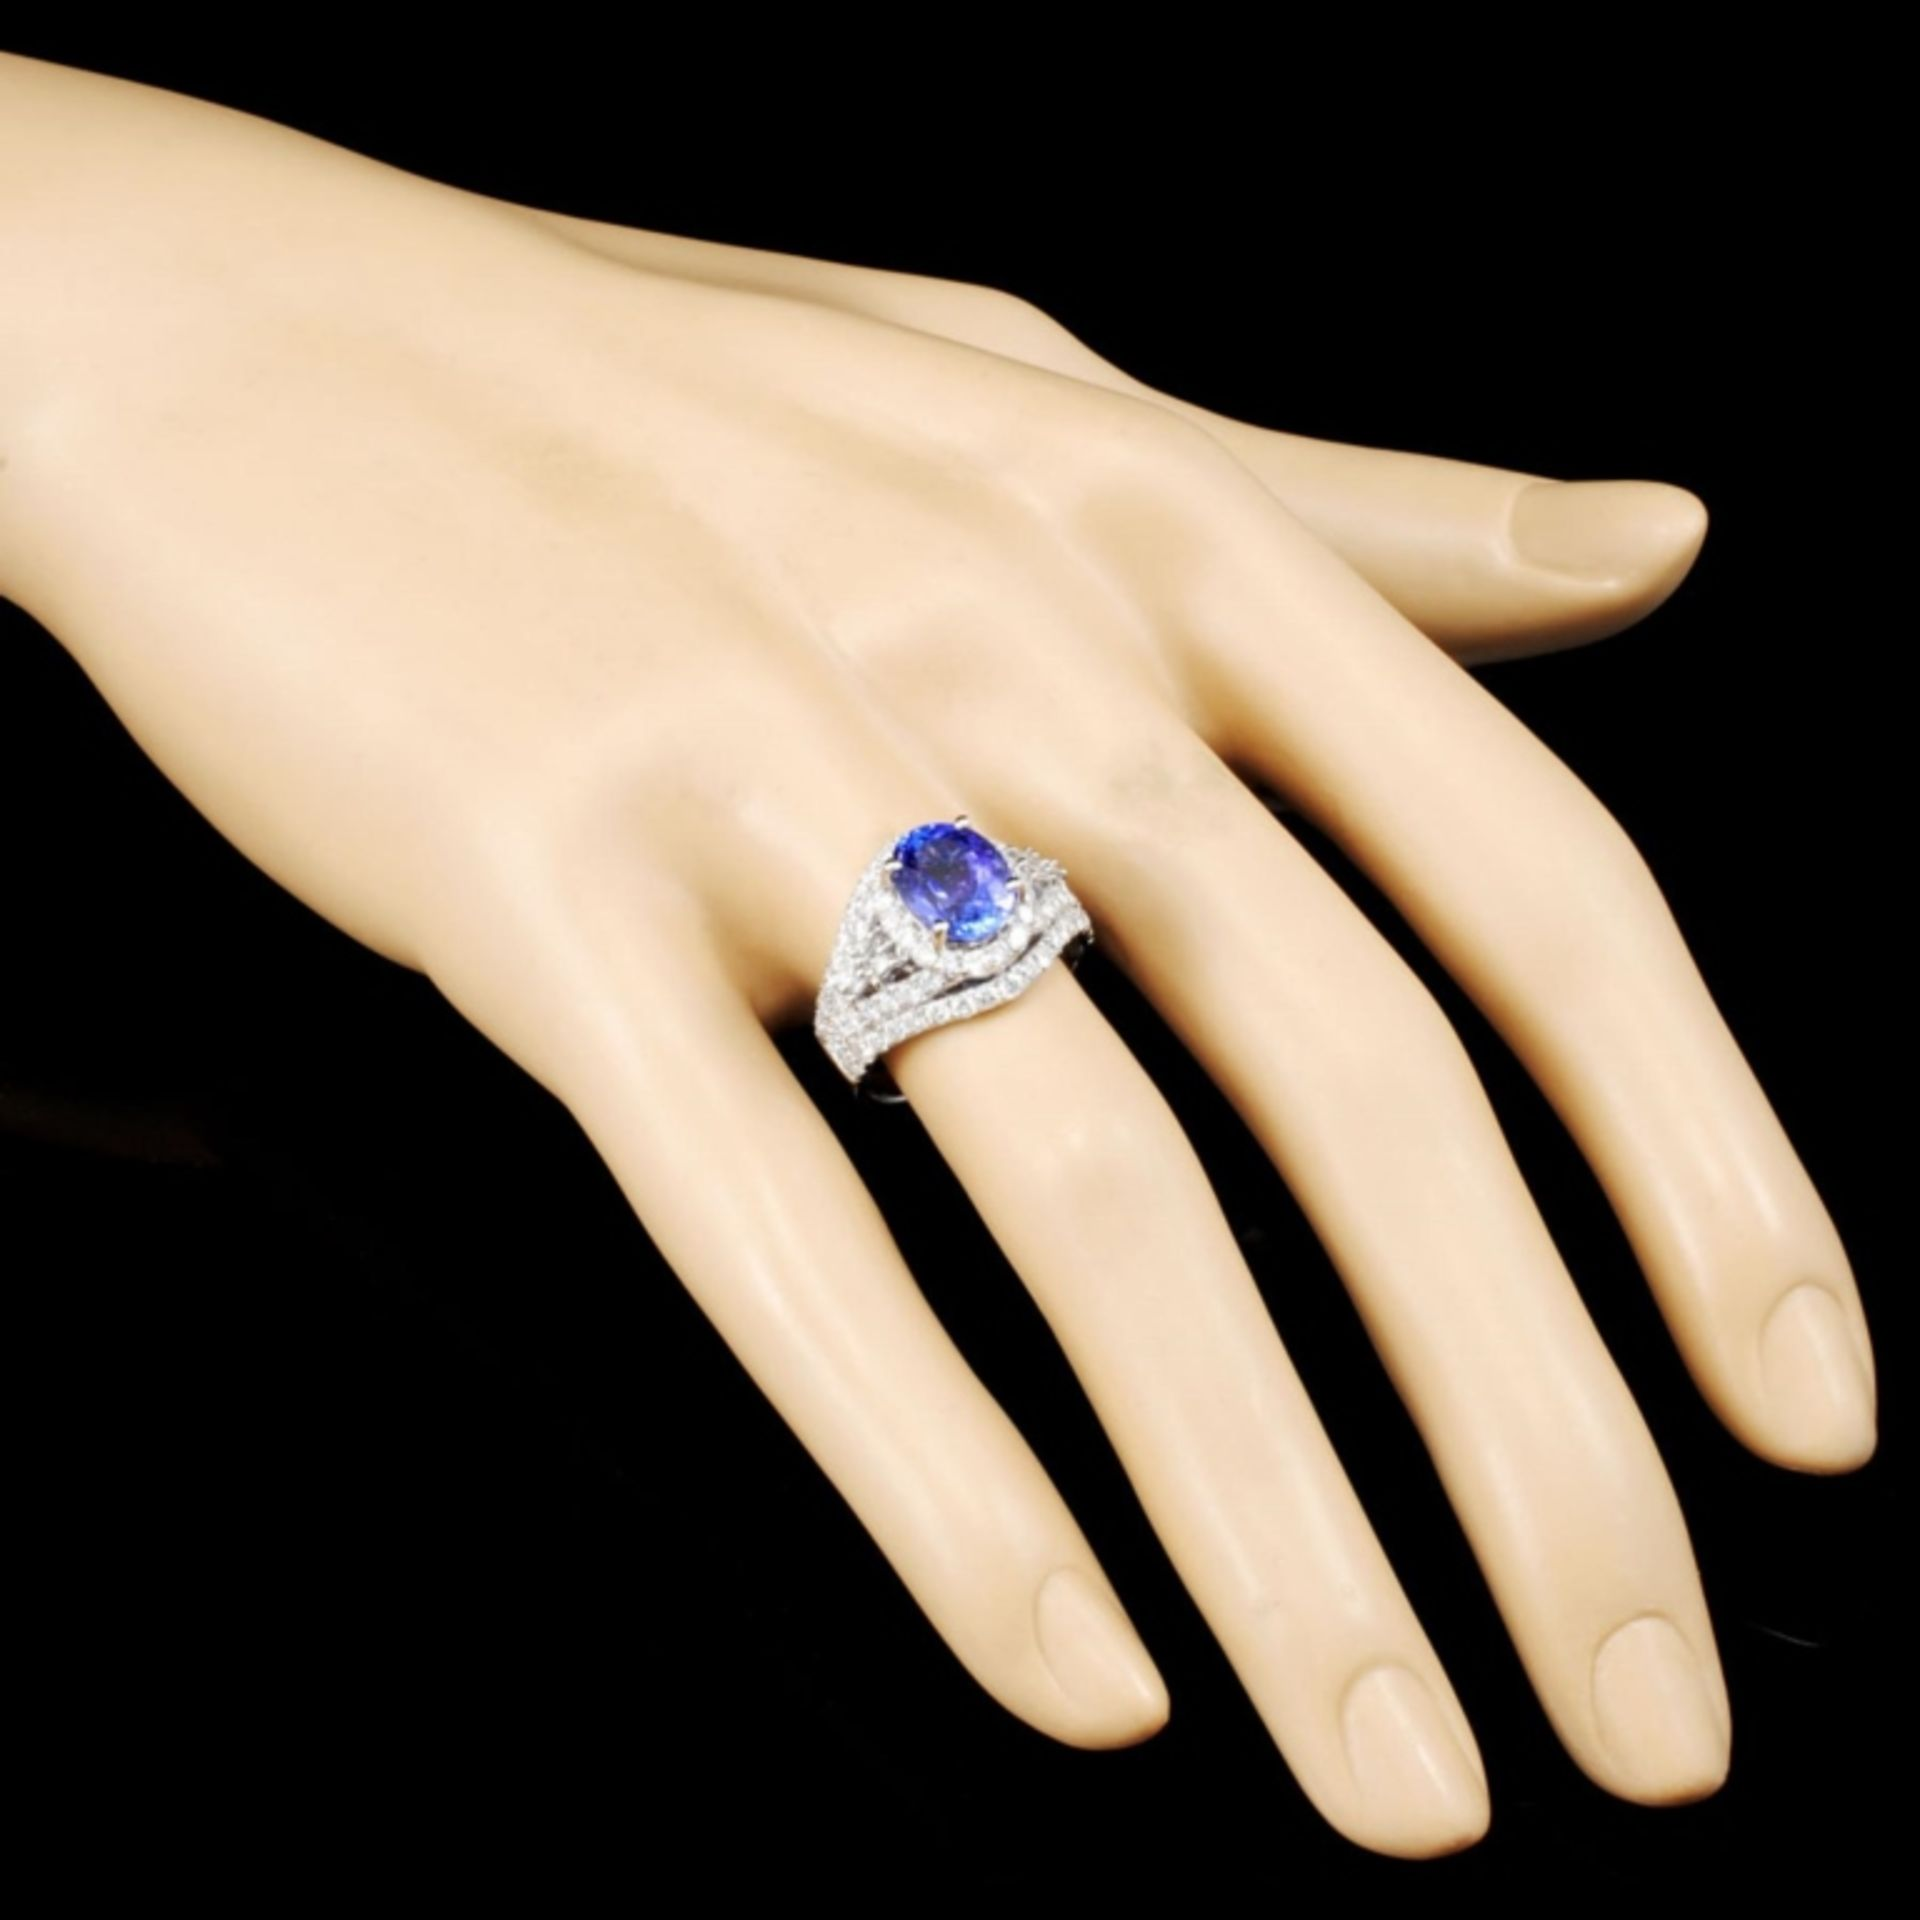 18K Gold 2.69ct Tanzanite & 1.65ctw Diamond Ring - Image 3 of 5